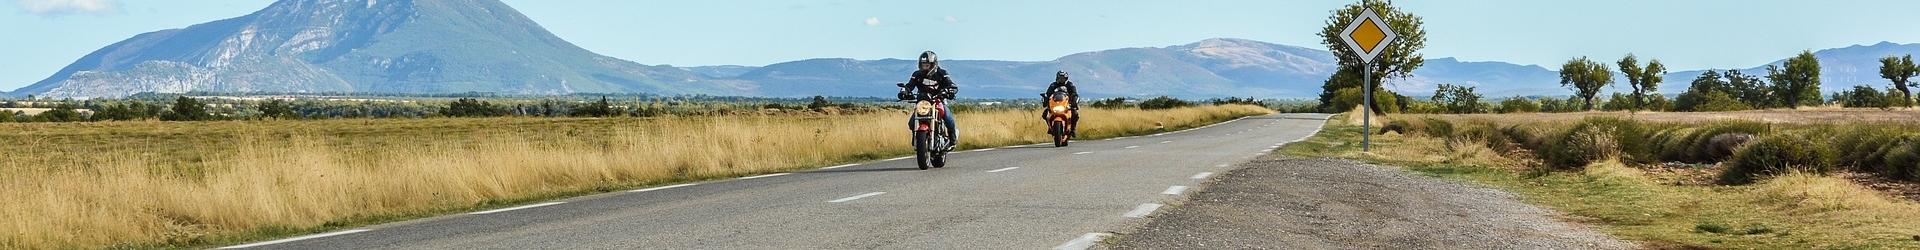 Motociklams